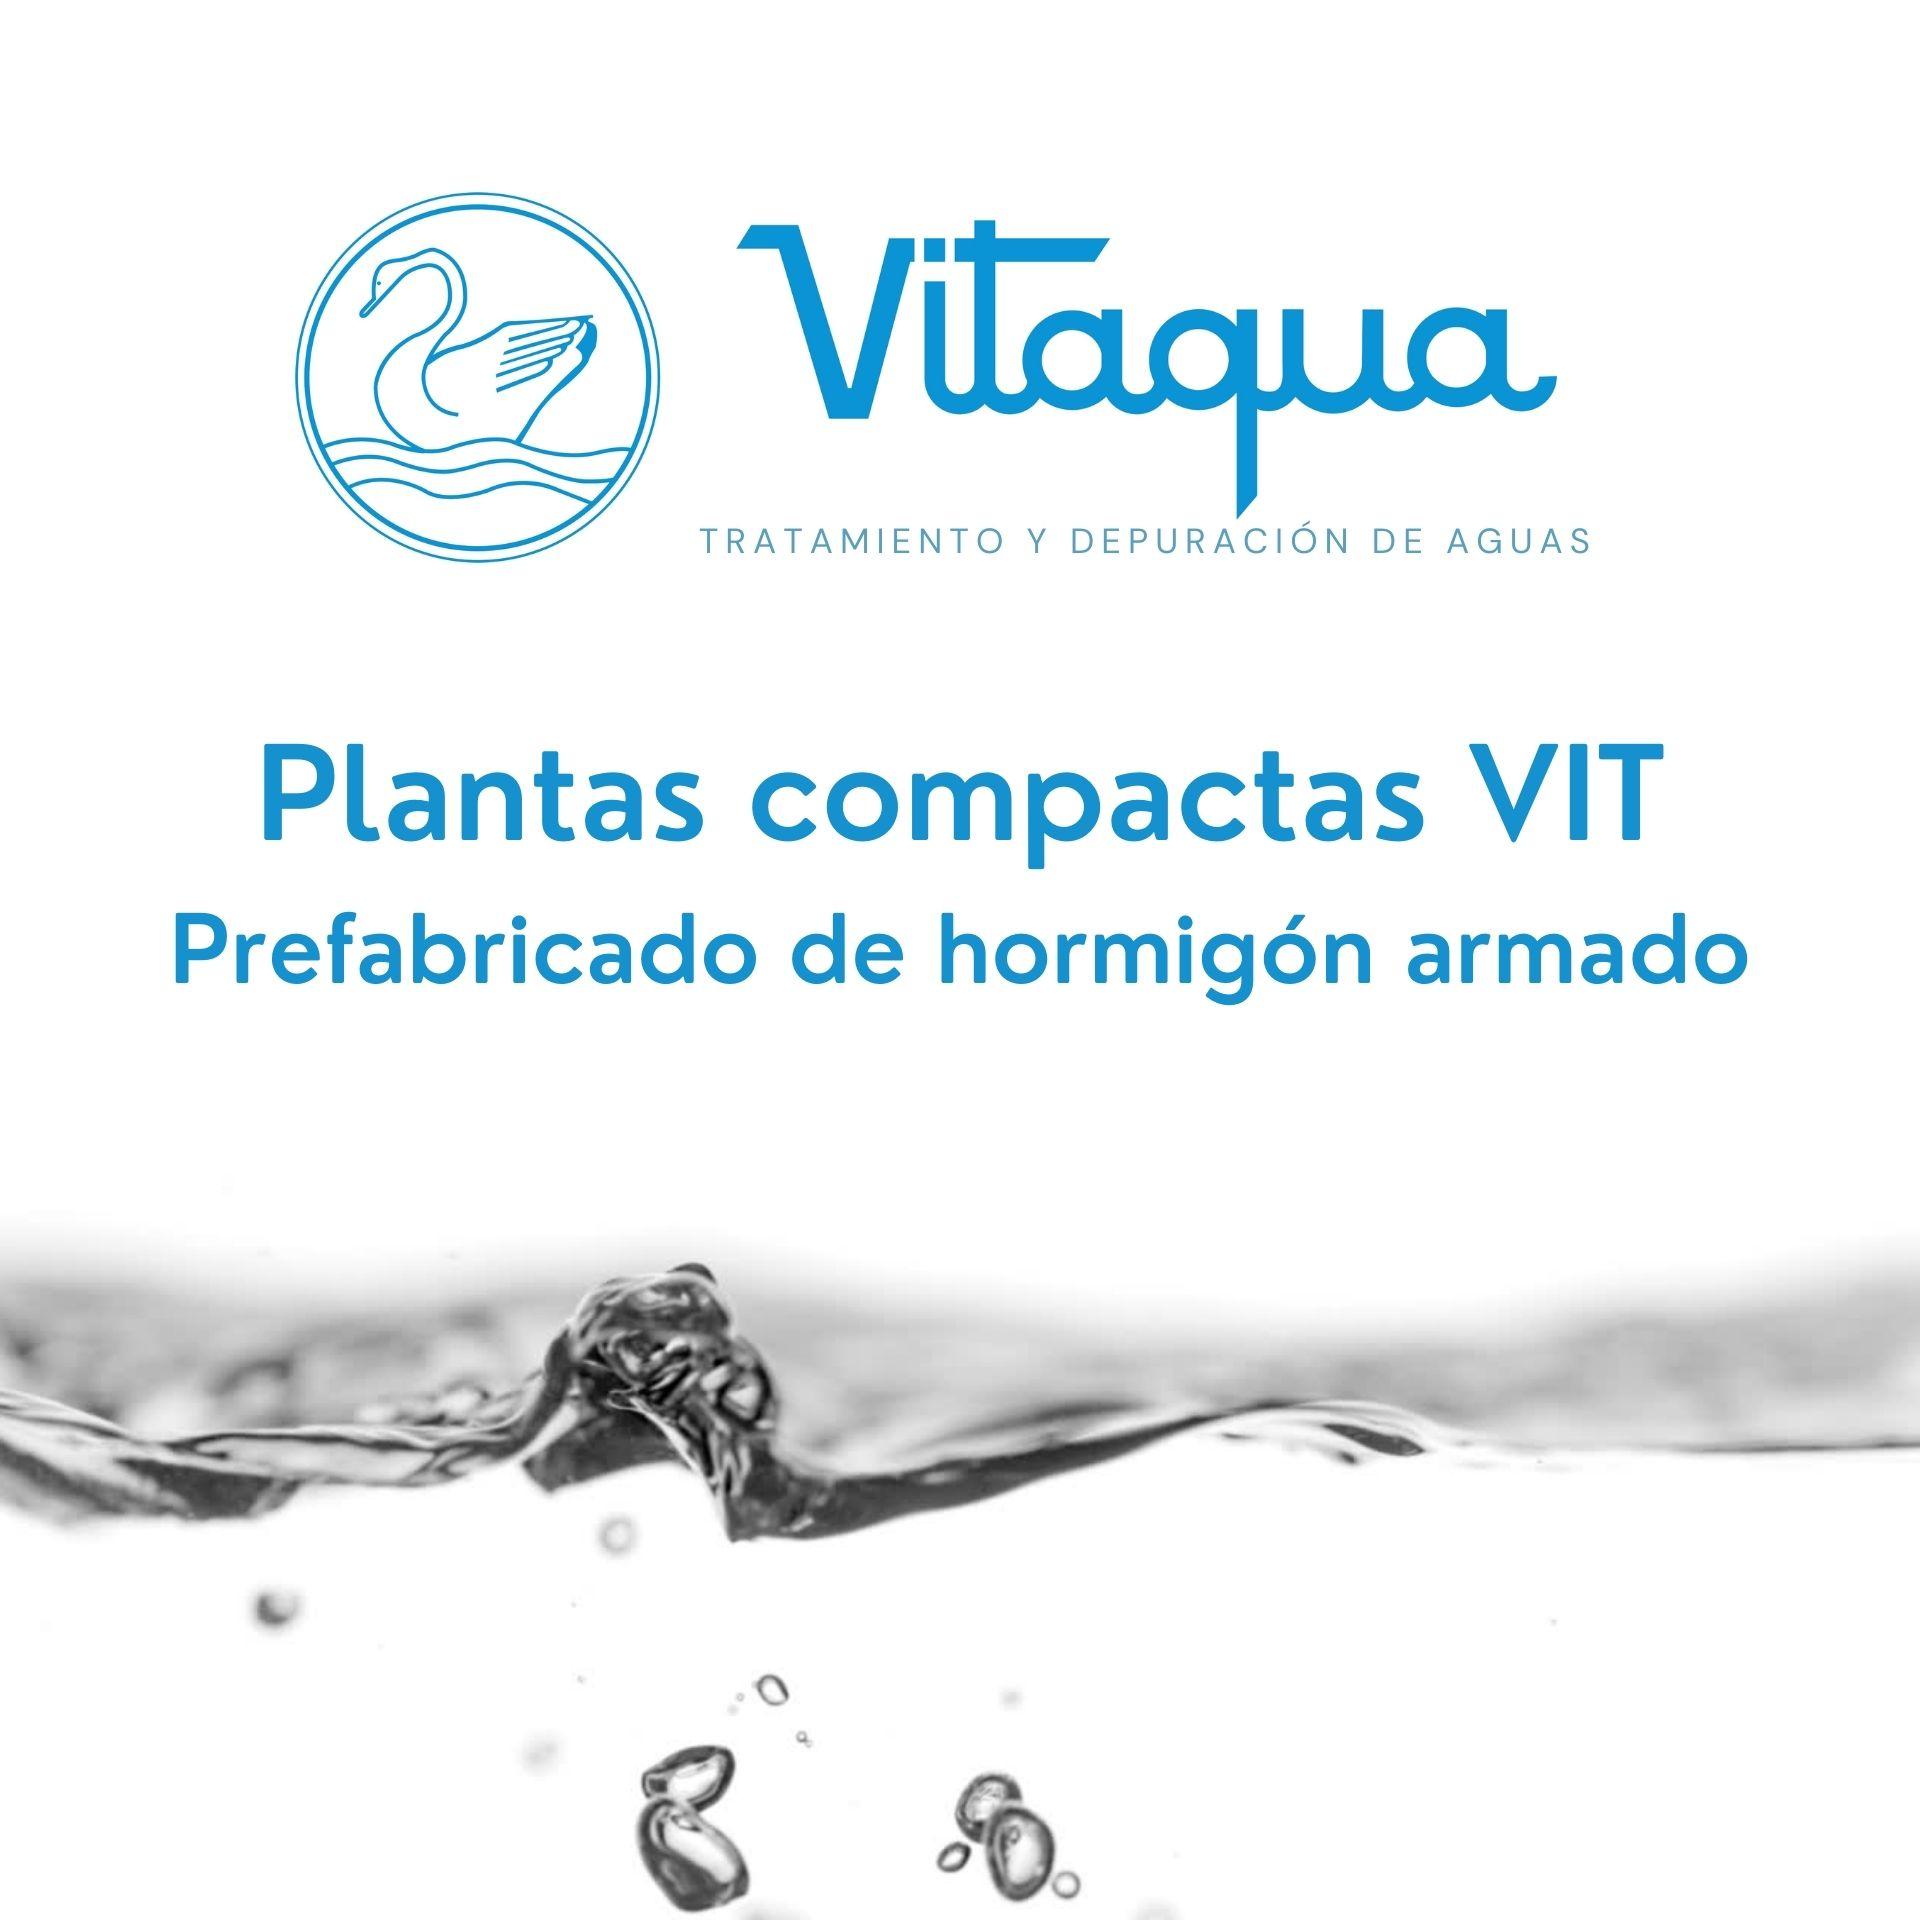 PLANTAS COMPACTAS VIT PREFABRICADO DE HORMIGÓN ARMADO